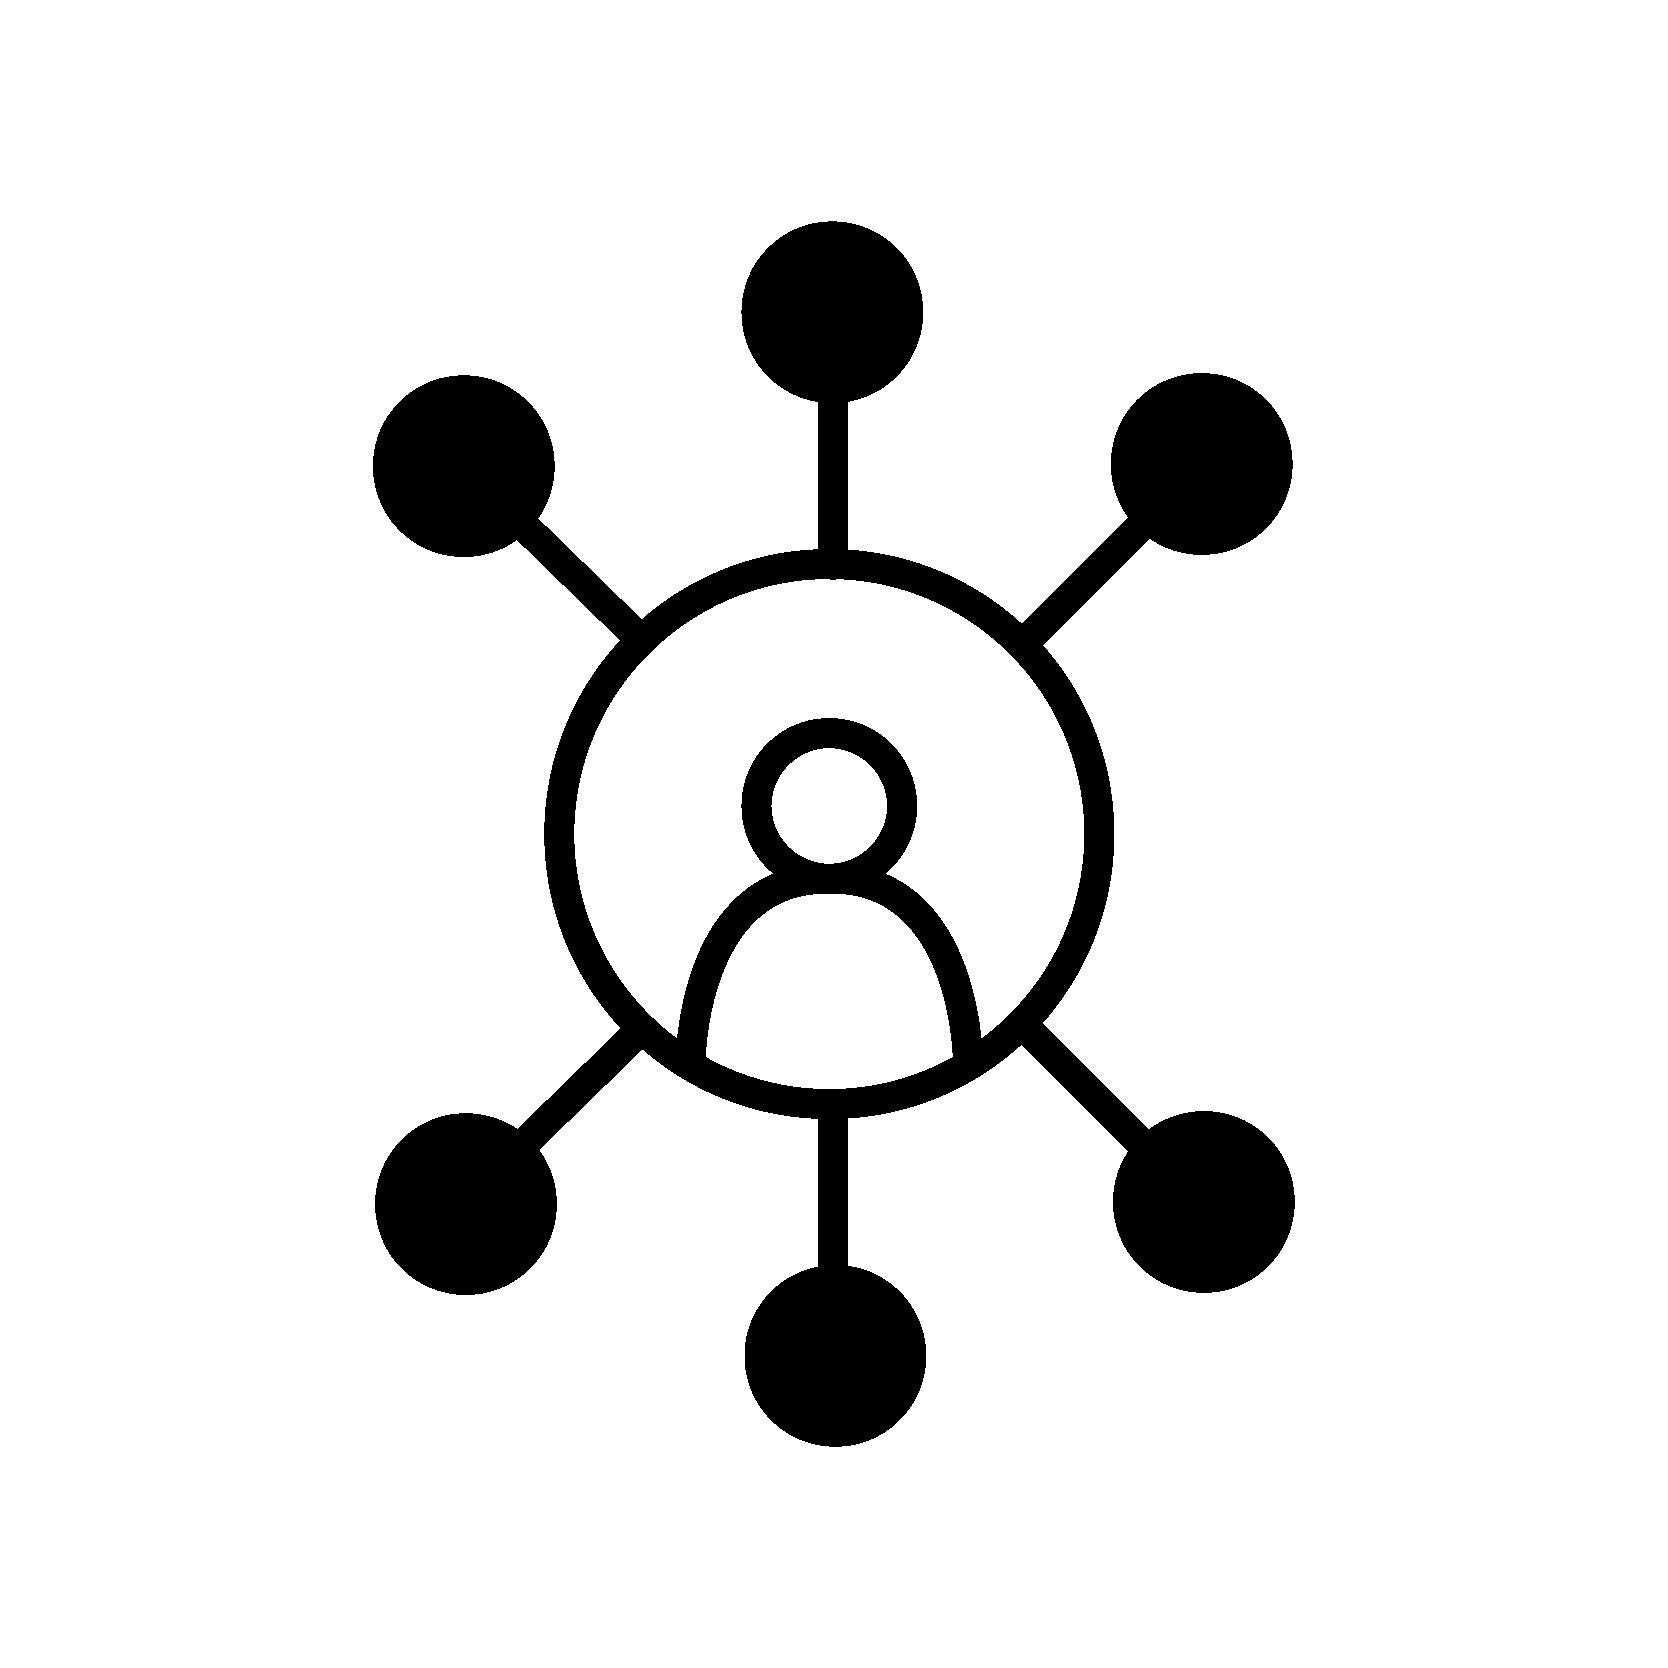 McKeeRisk_Icons2-06